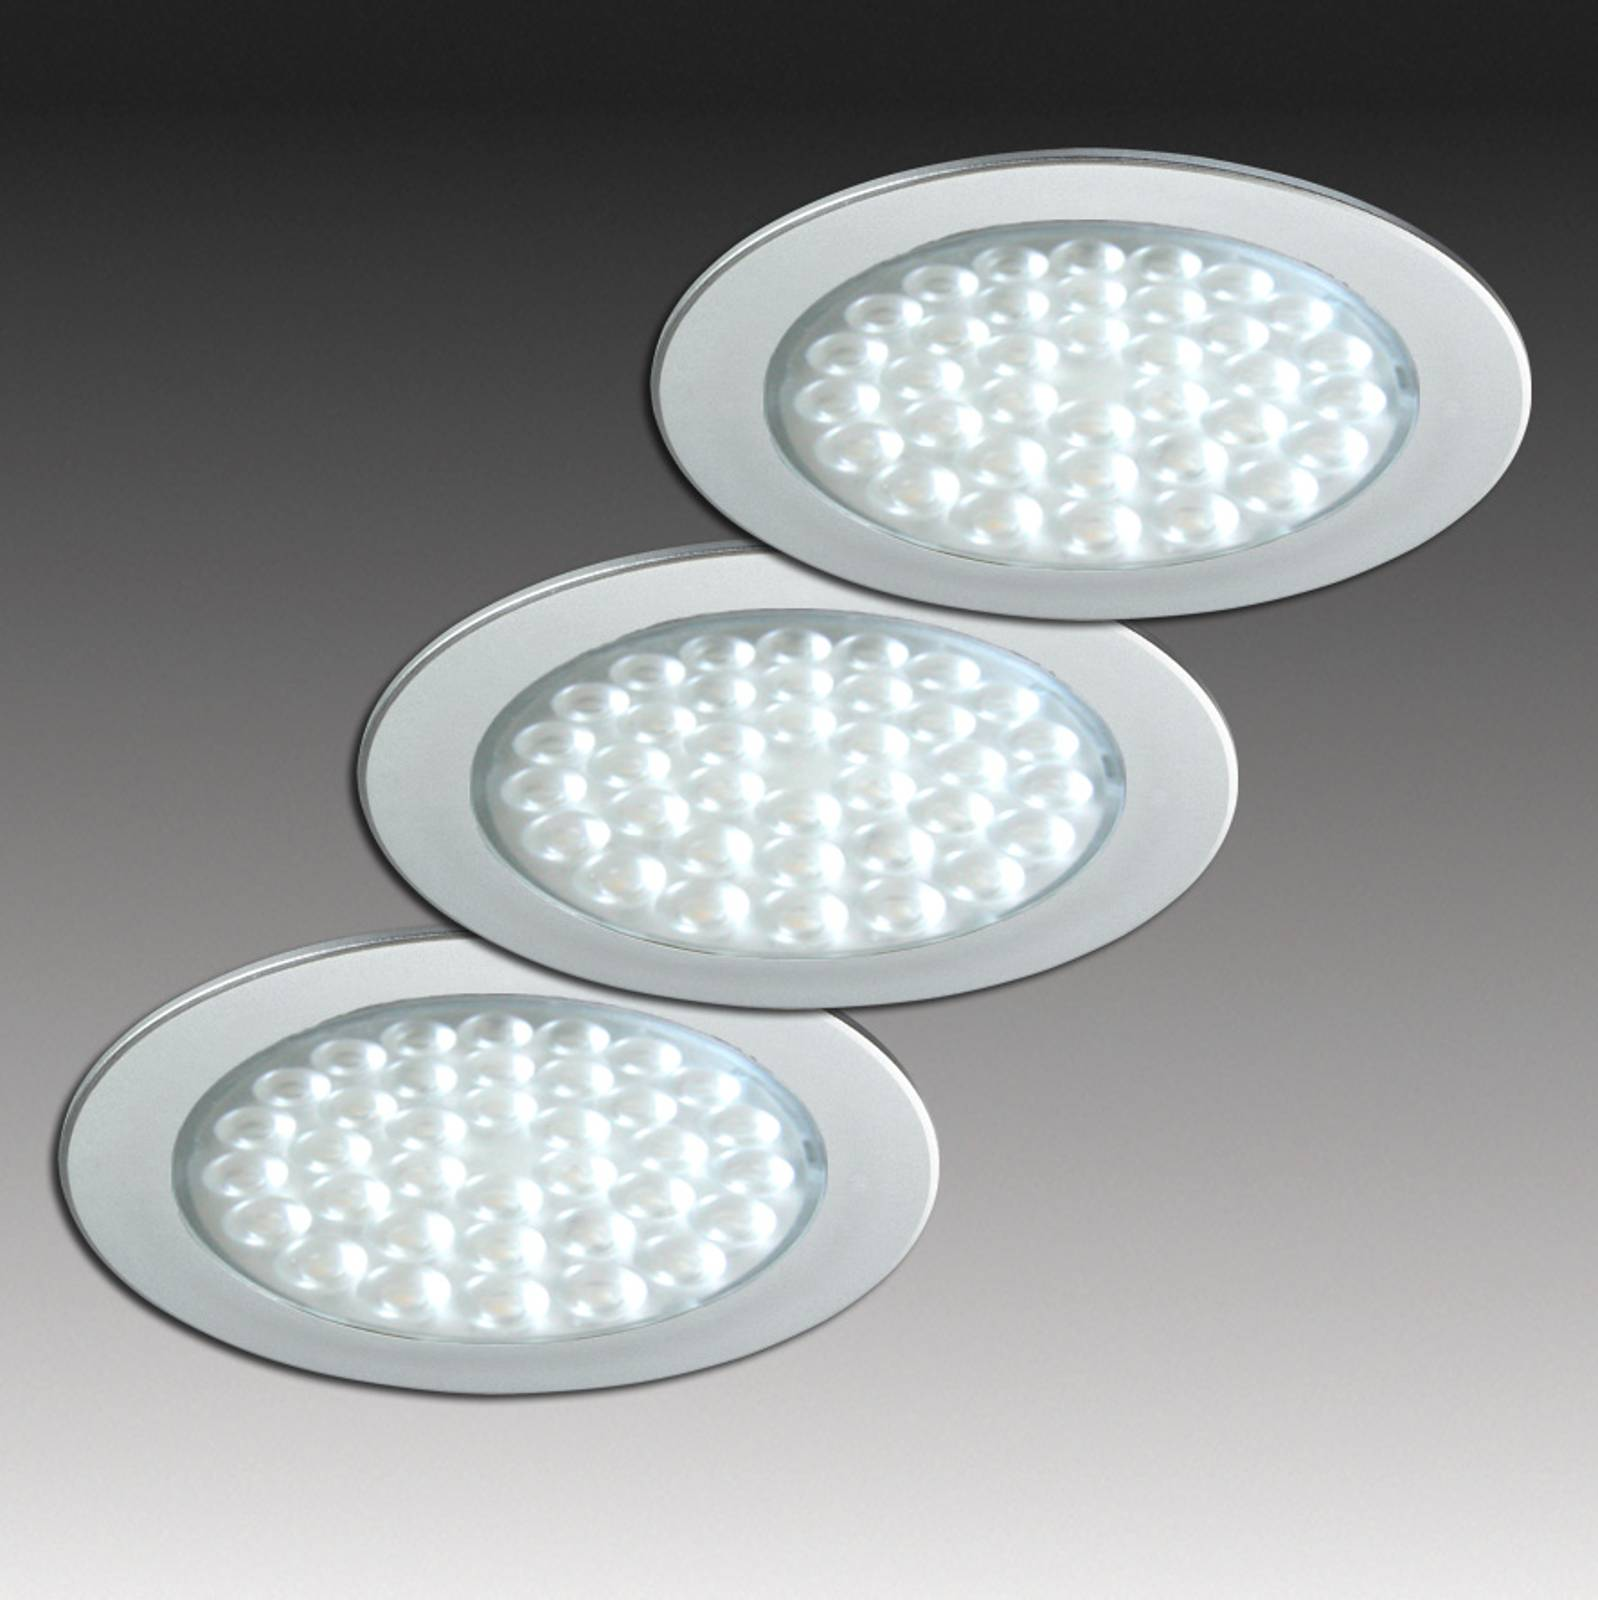 R 68-LED Einbaustrahler in Edelstahloptik, 3er-Set